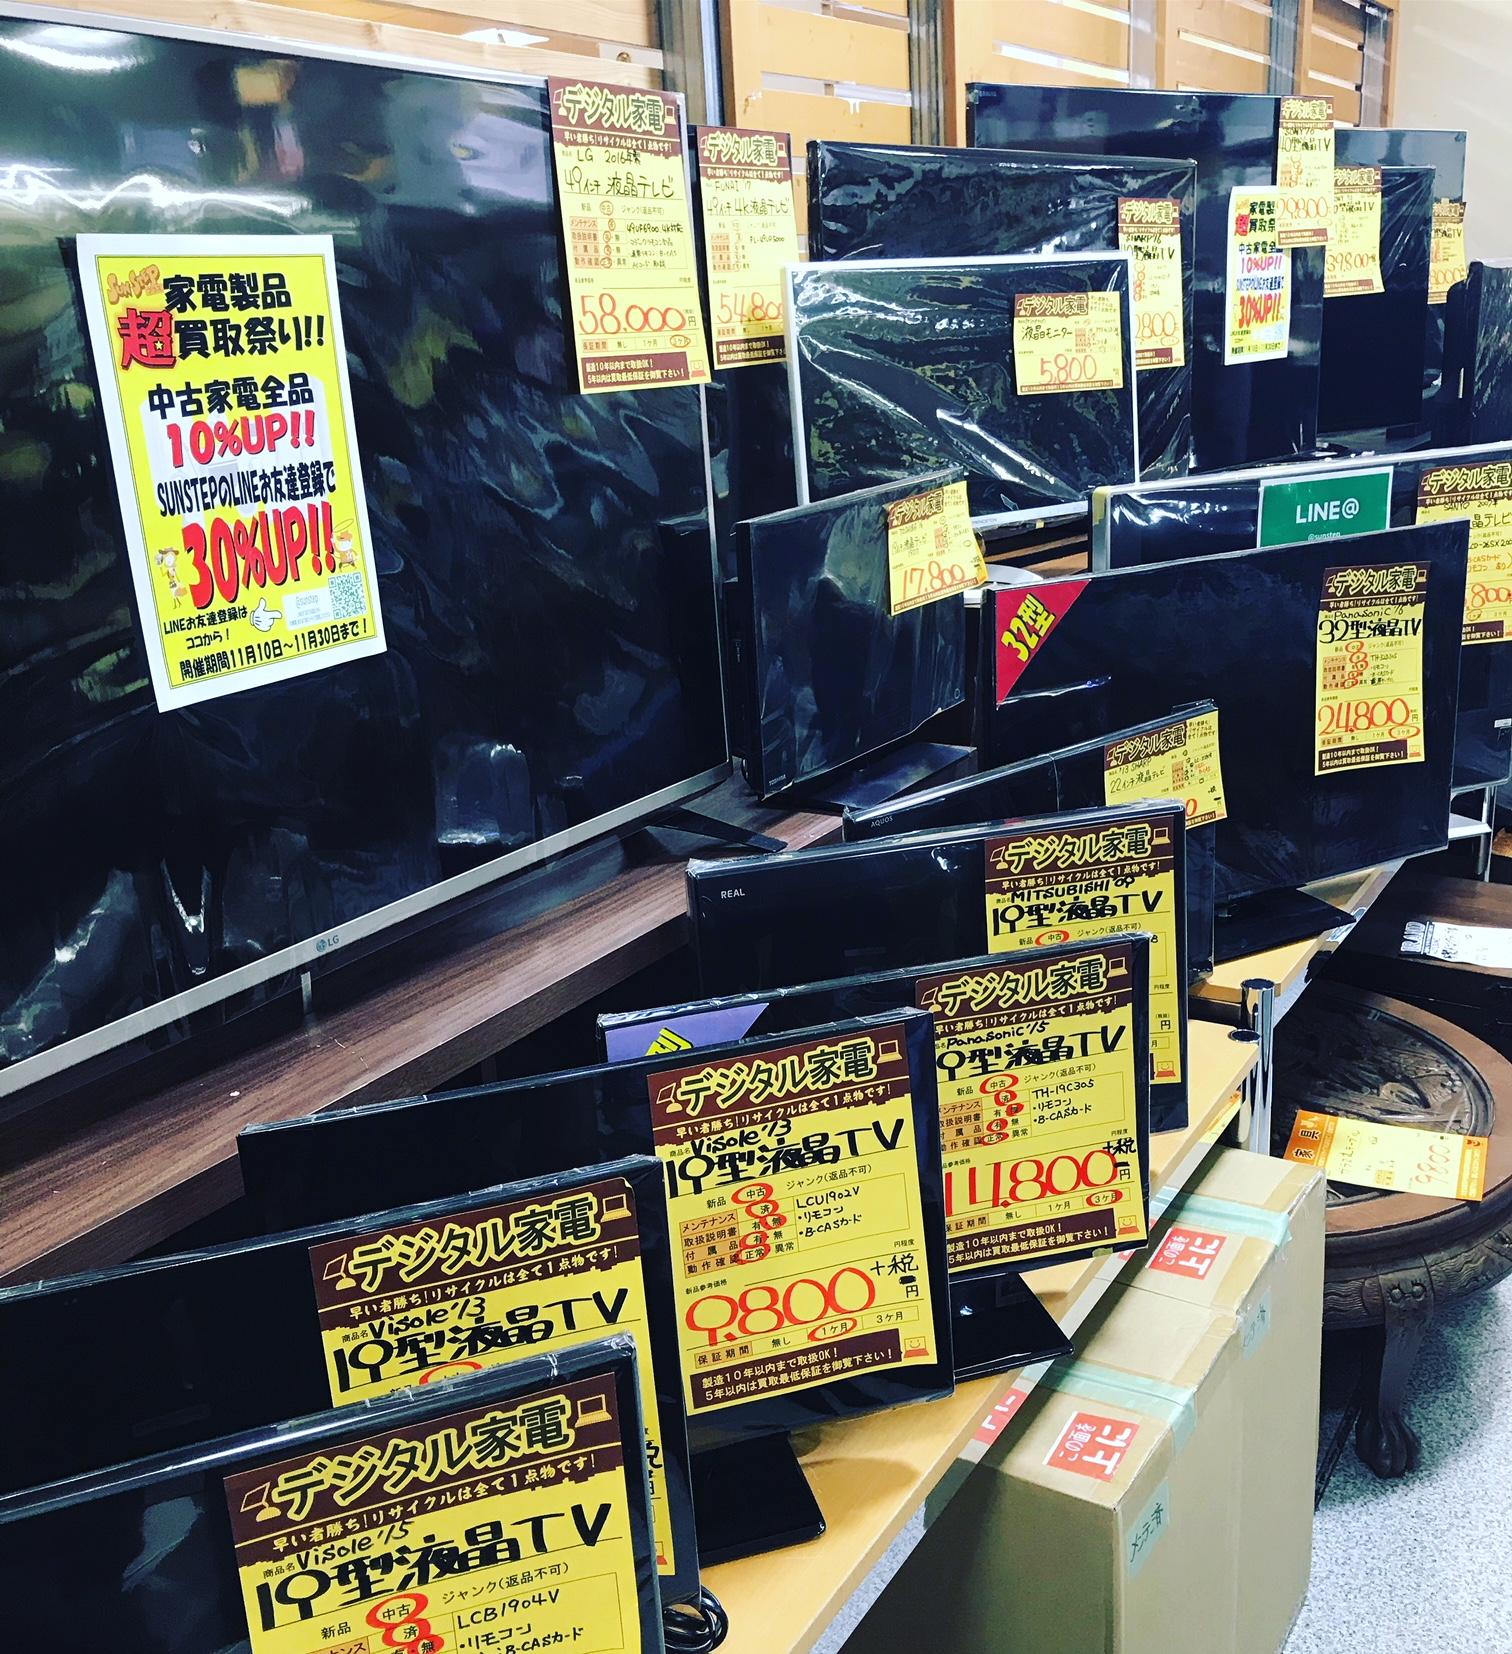 小型テレビ~大型テレビ販売中!!サンステッププラスワッセ店 買取 買い取り 福井市